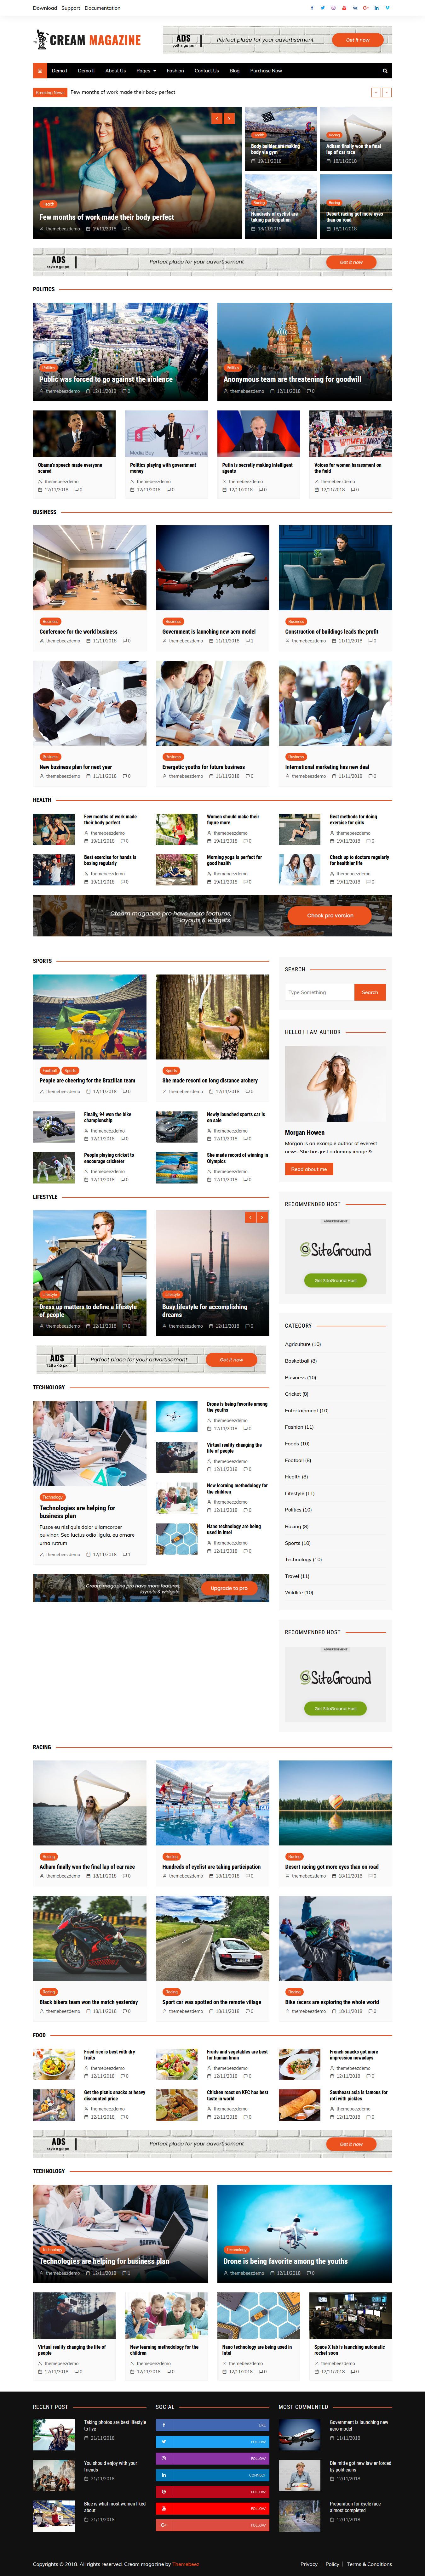 Cream Magazine - Mejor tema de WordPress de revisión gratuita